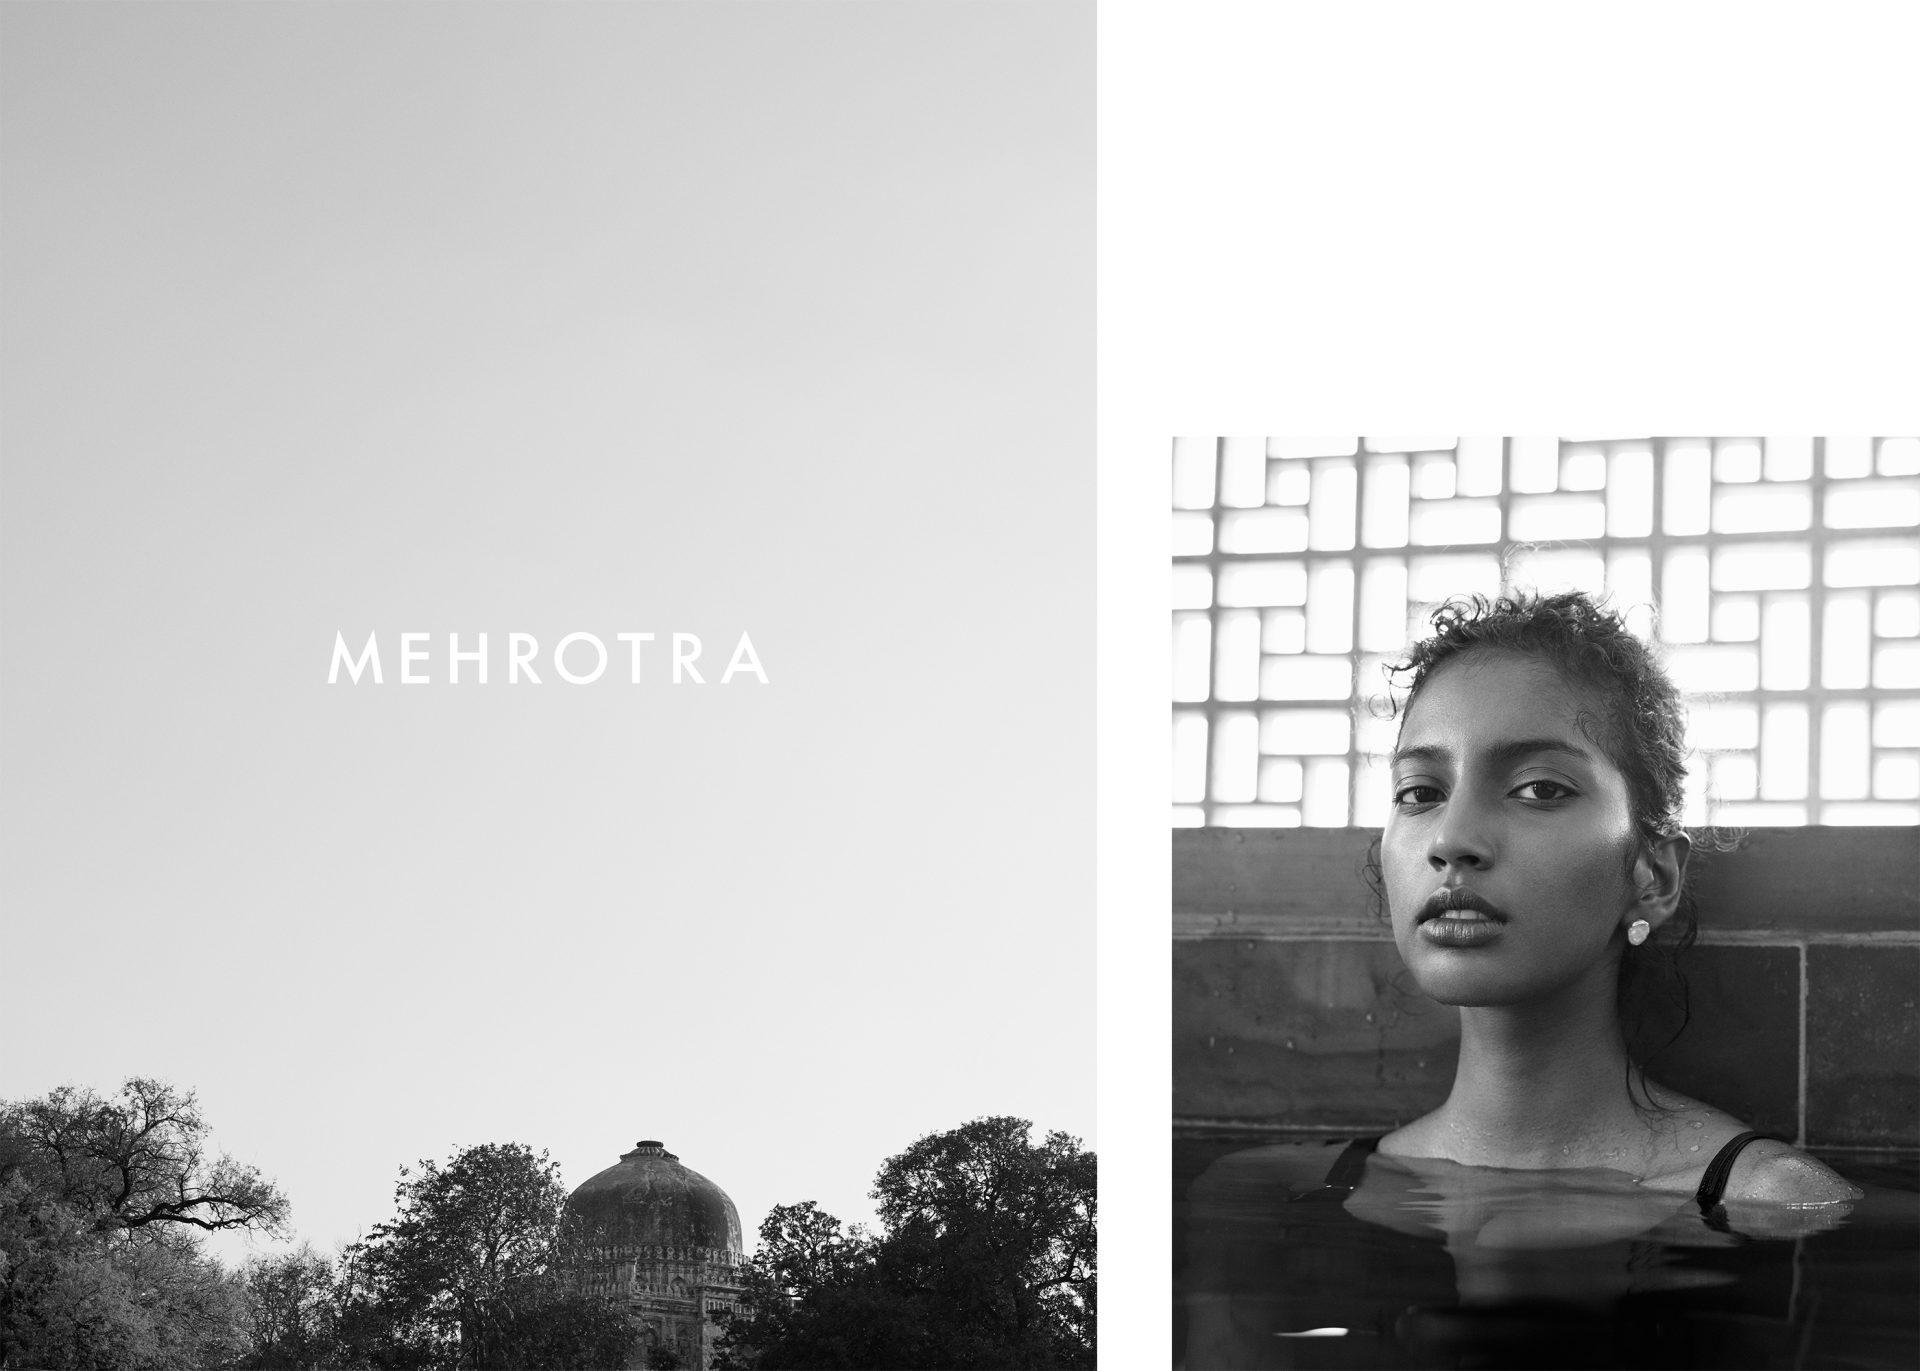 Mehrotra